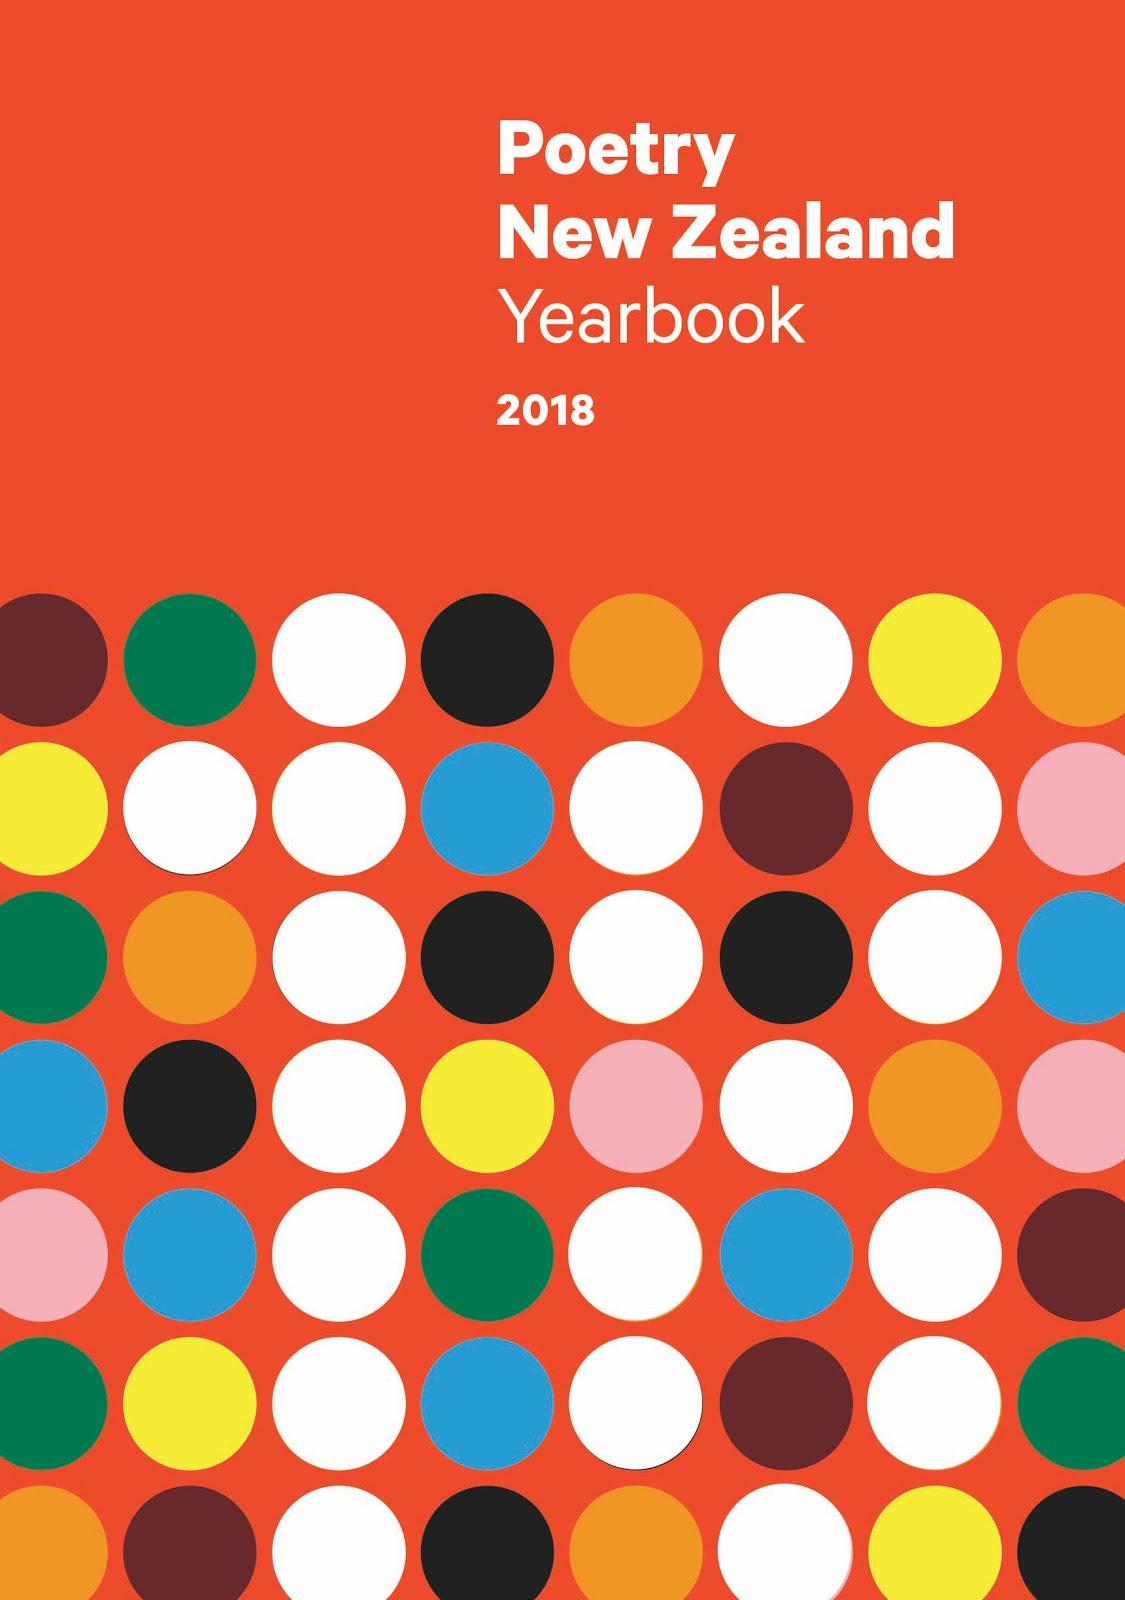 Poetry New Zealand Yearbook 2018